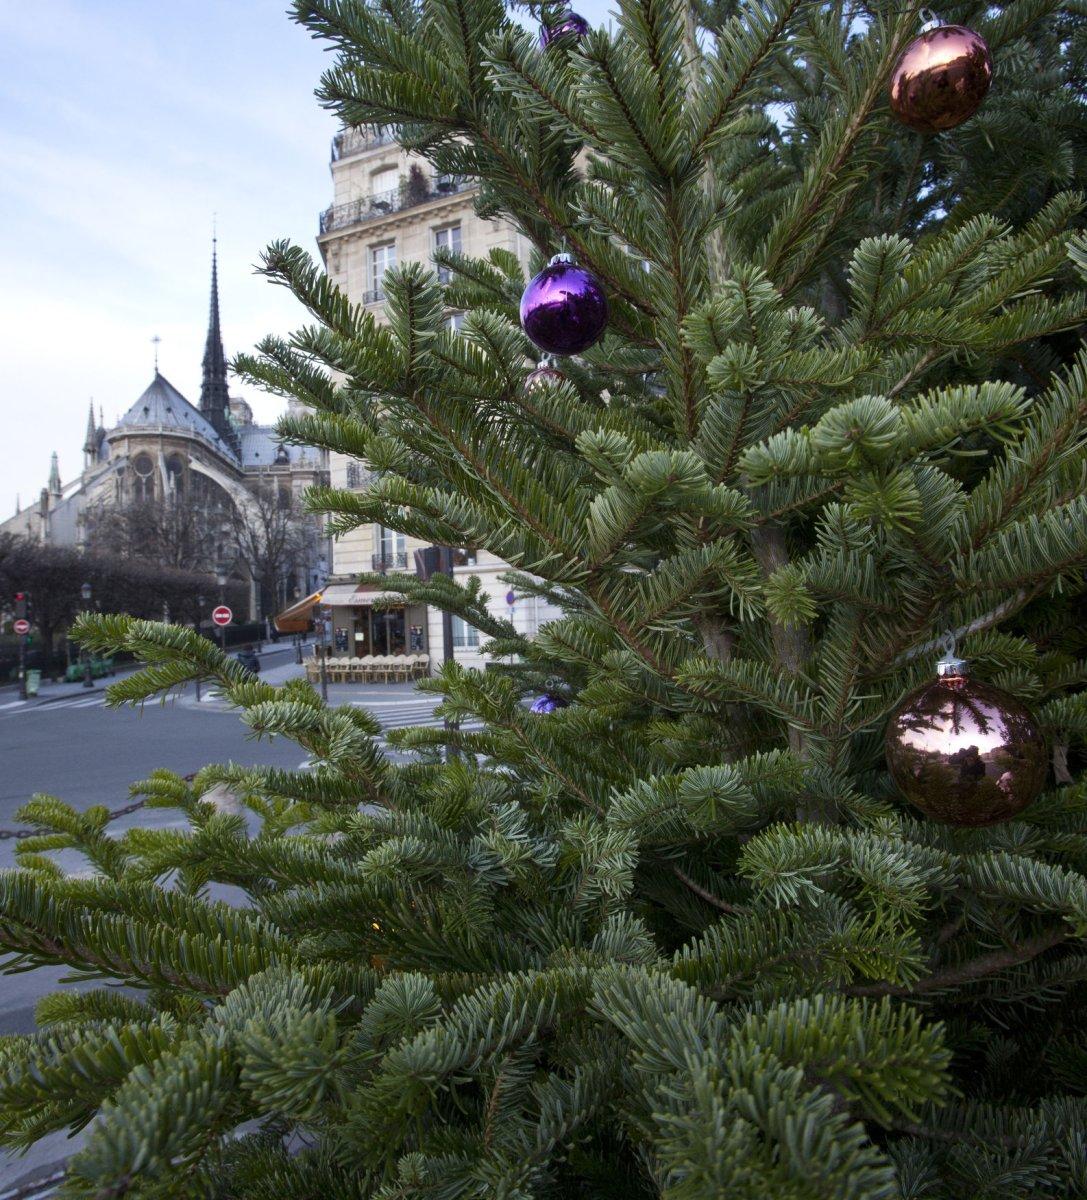 Christmas trees cause allergic reaction - UPI.com